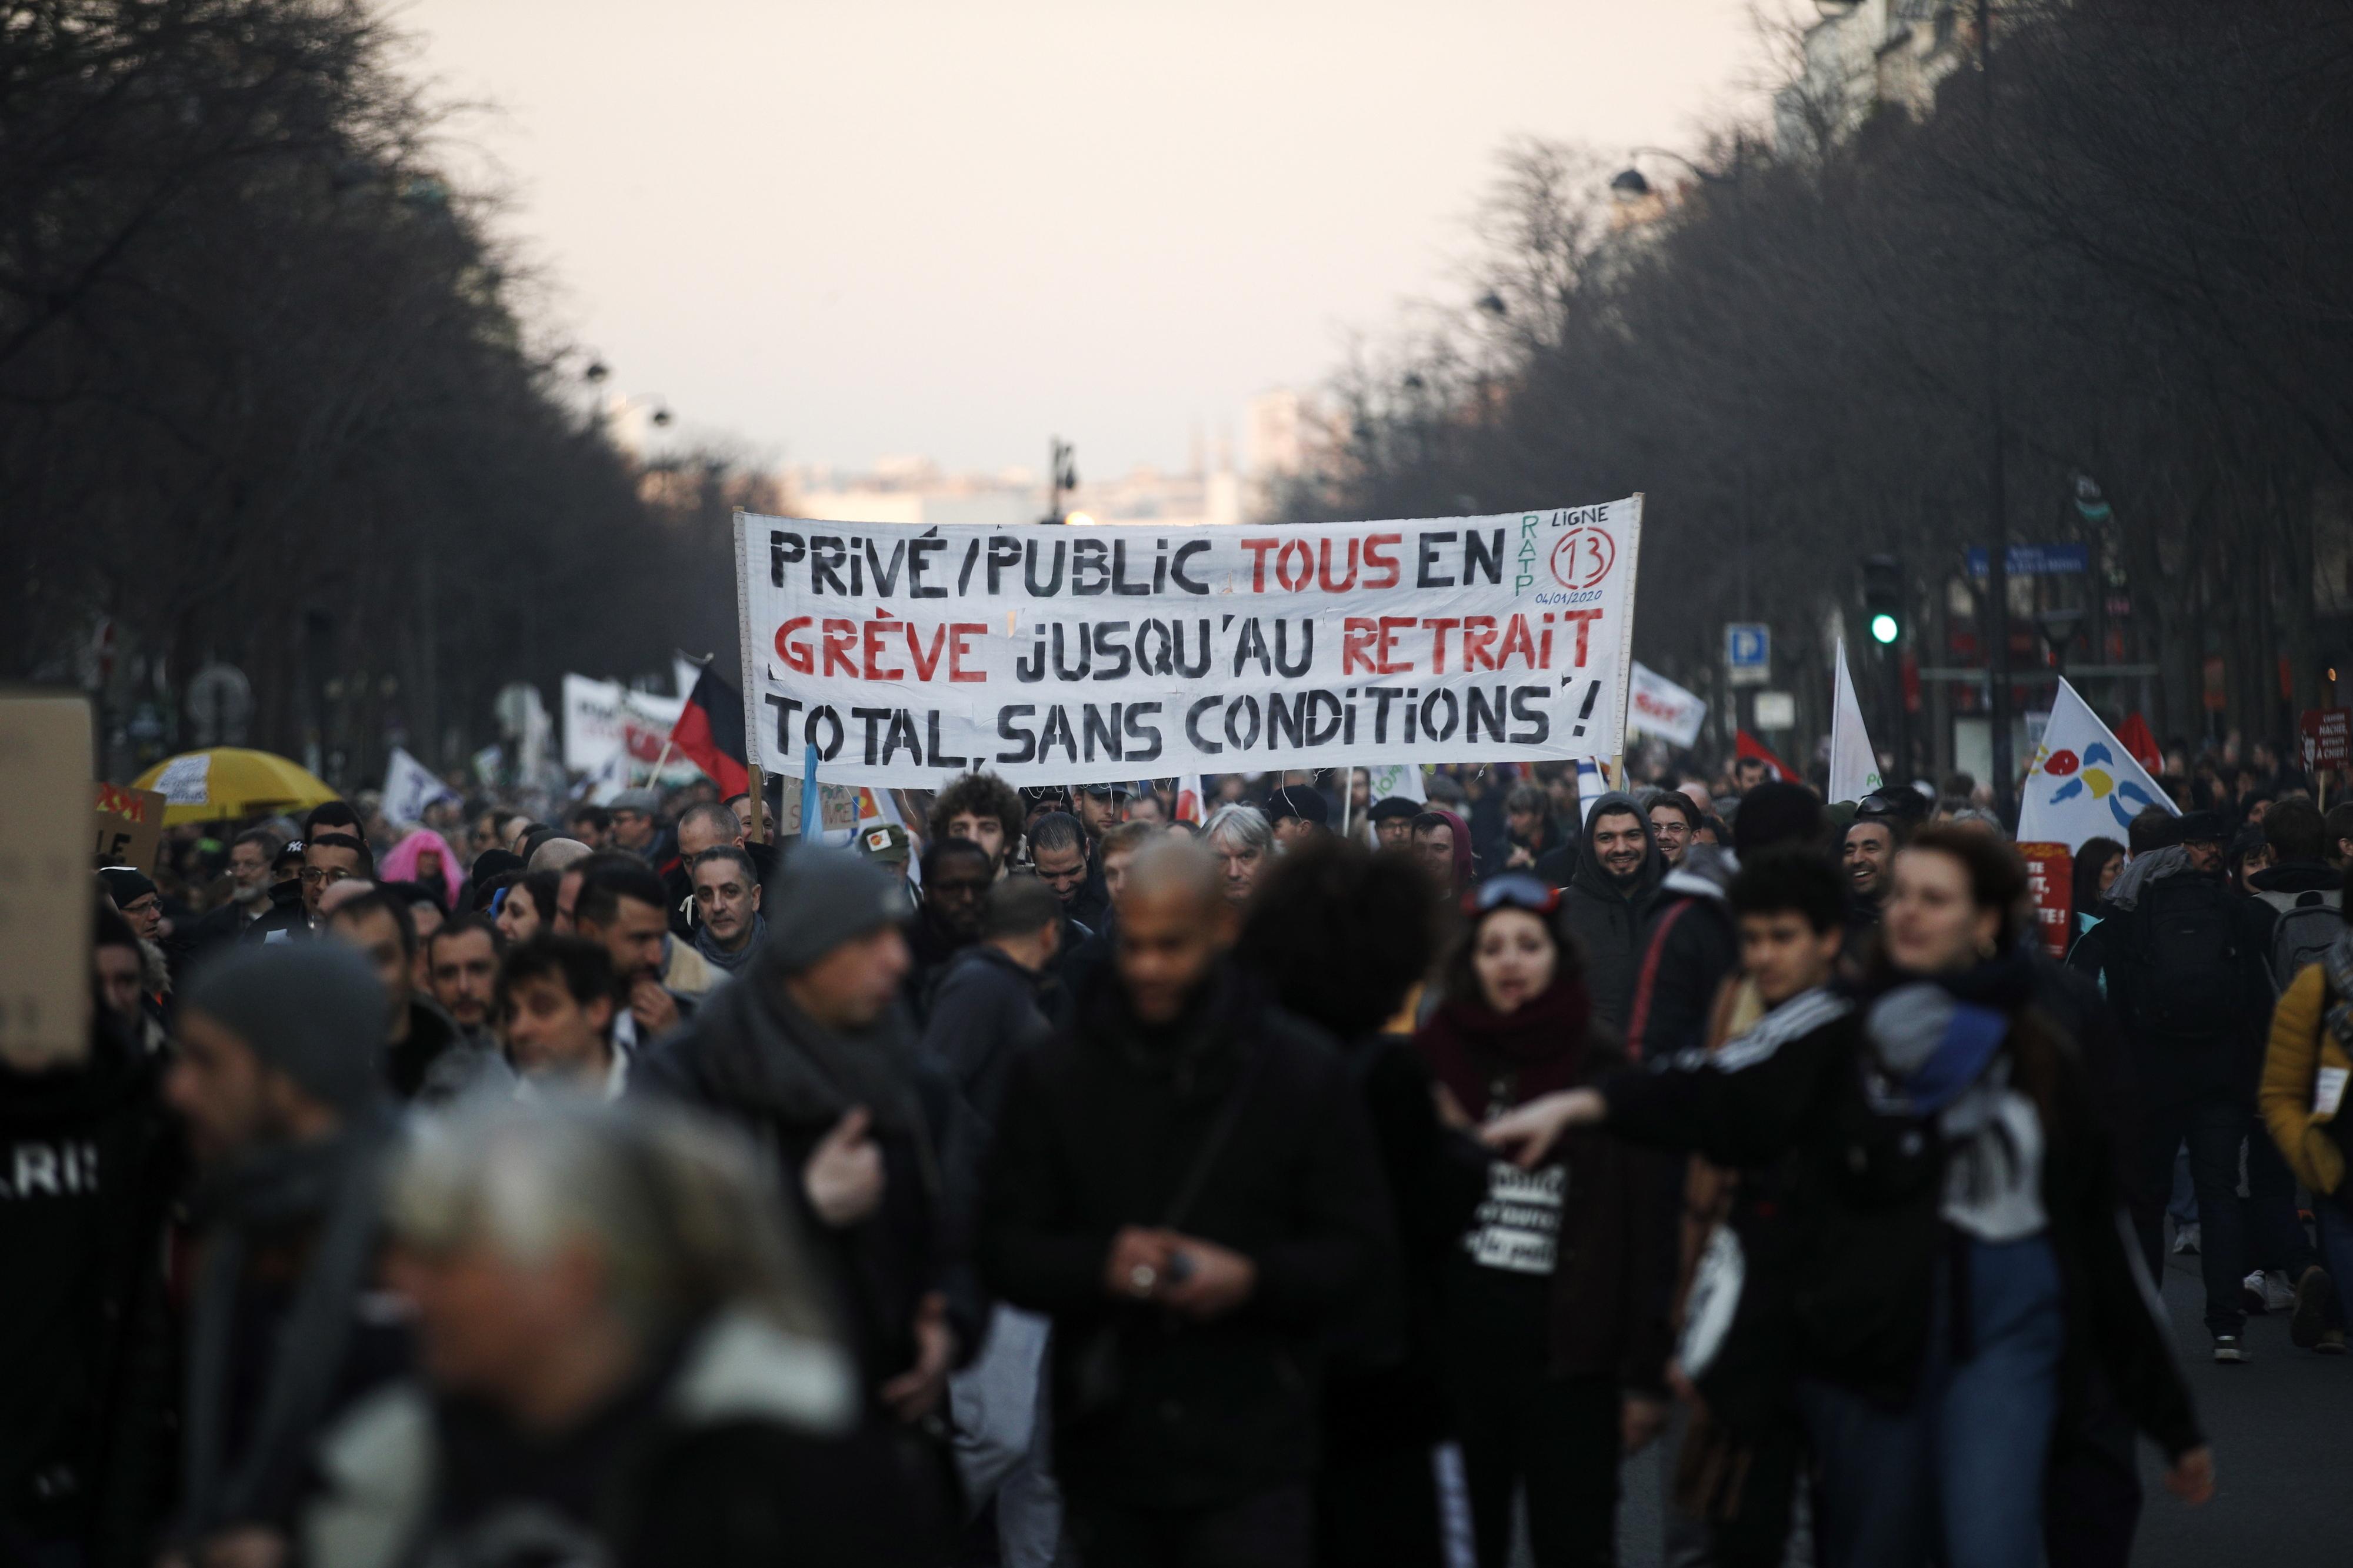 França é hoje novamente palco de greve geral contra reforma das pensões